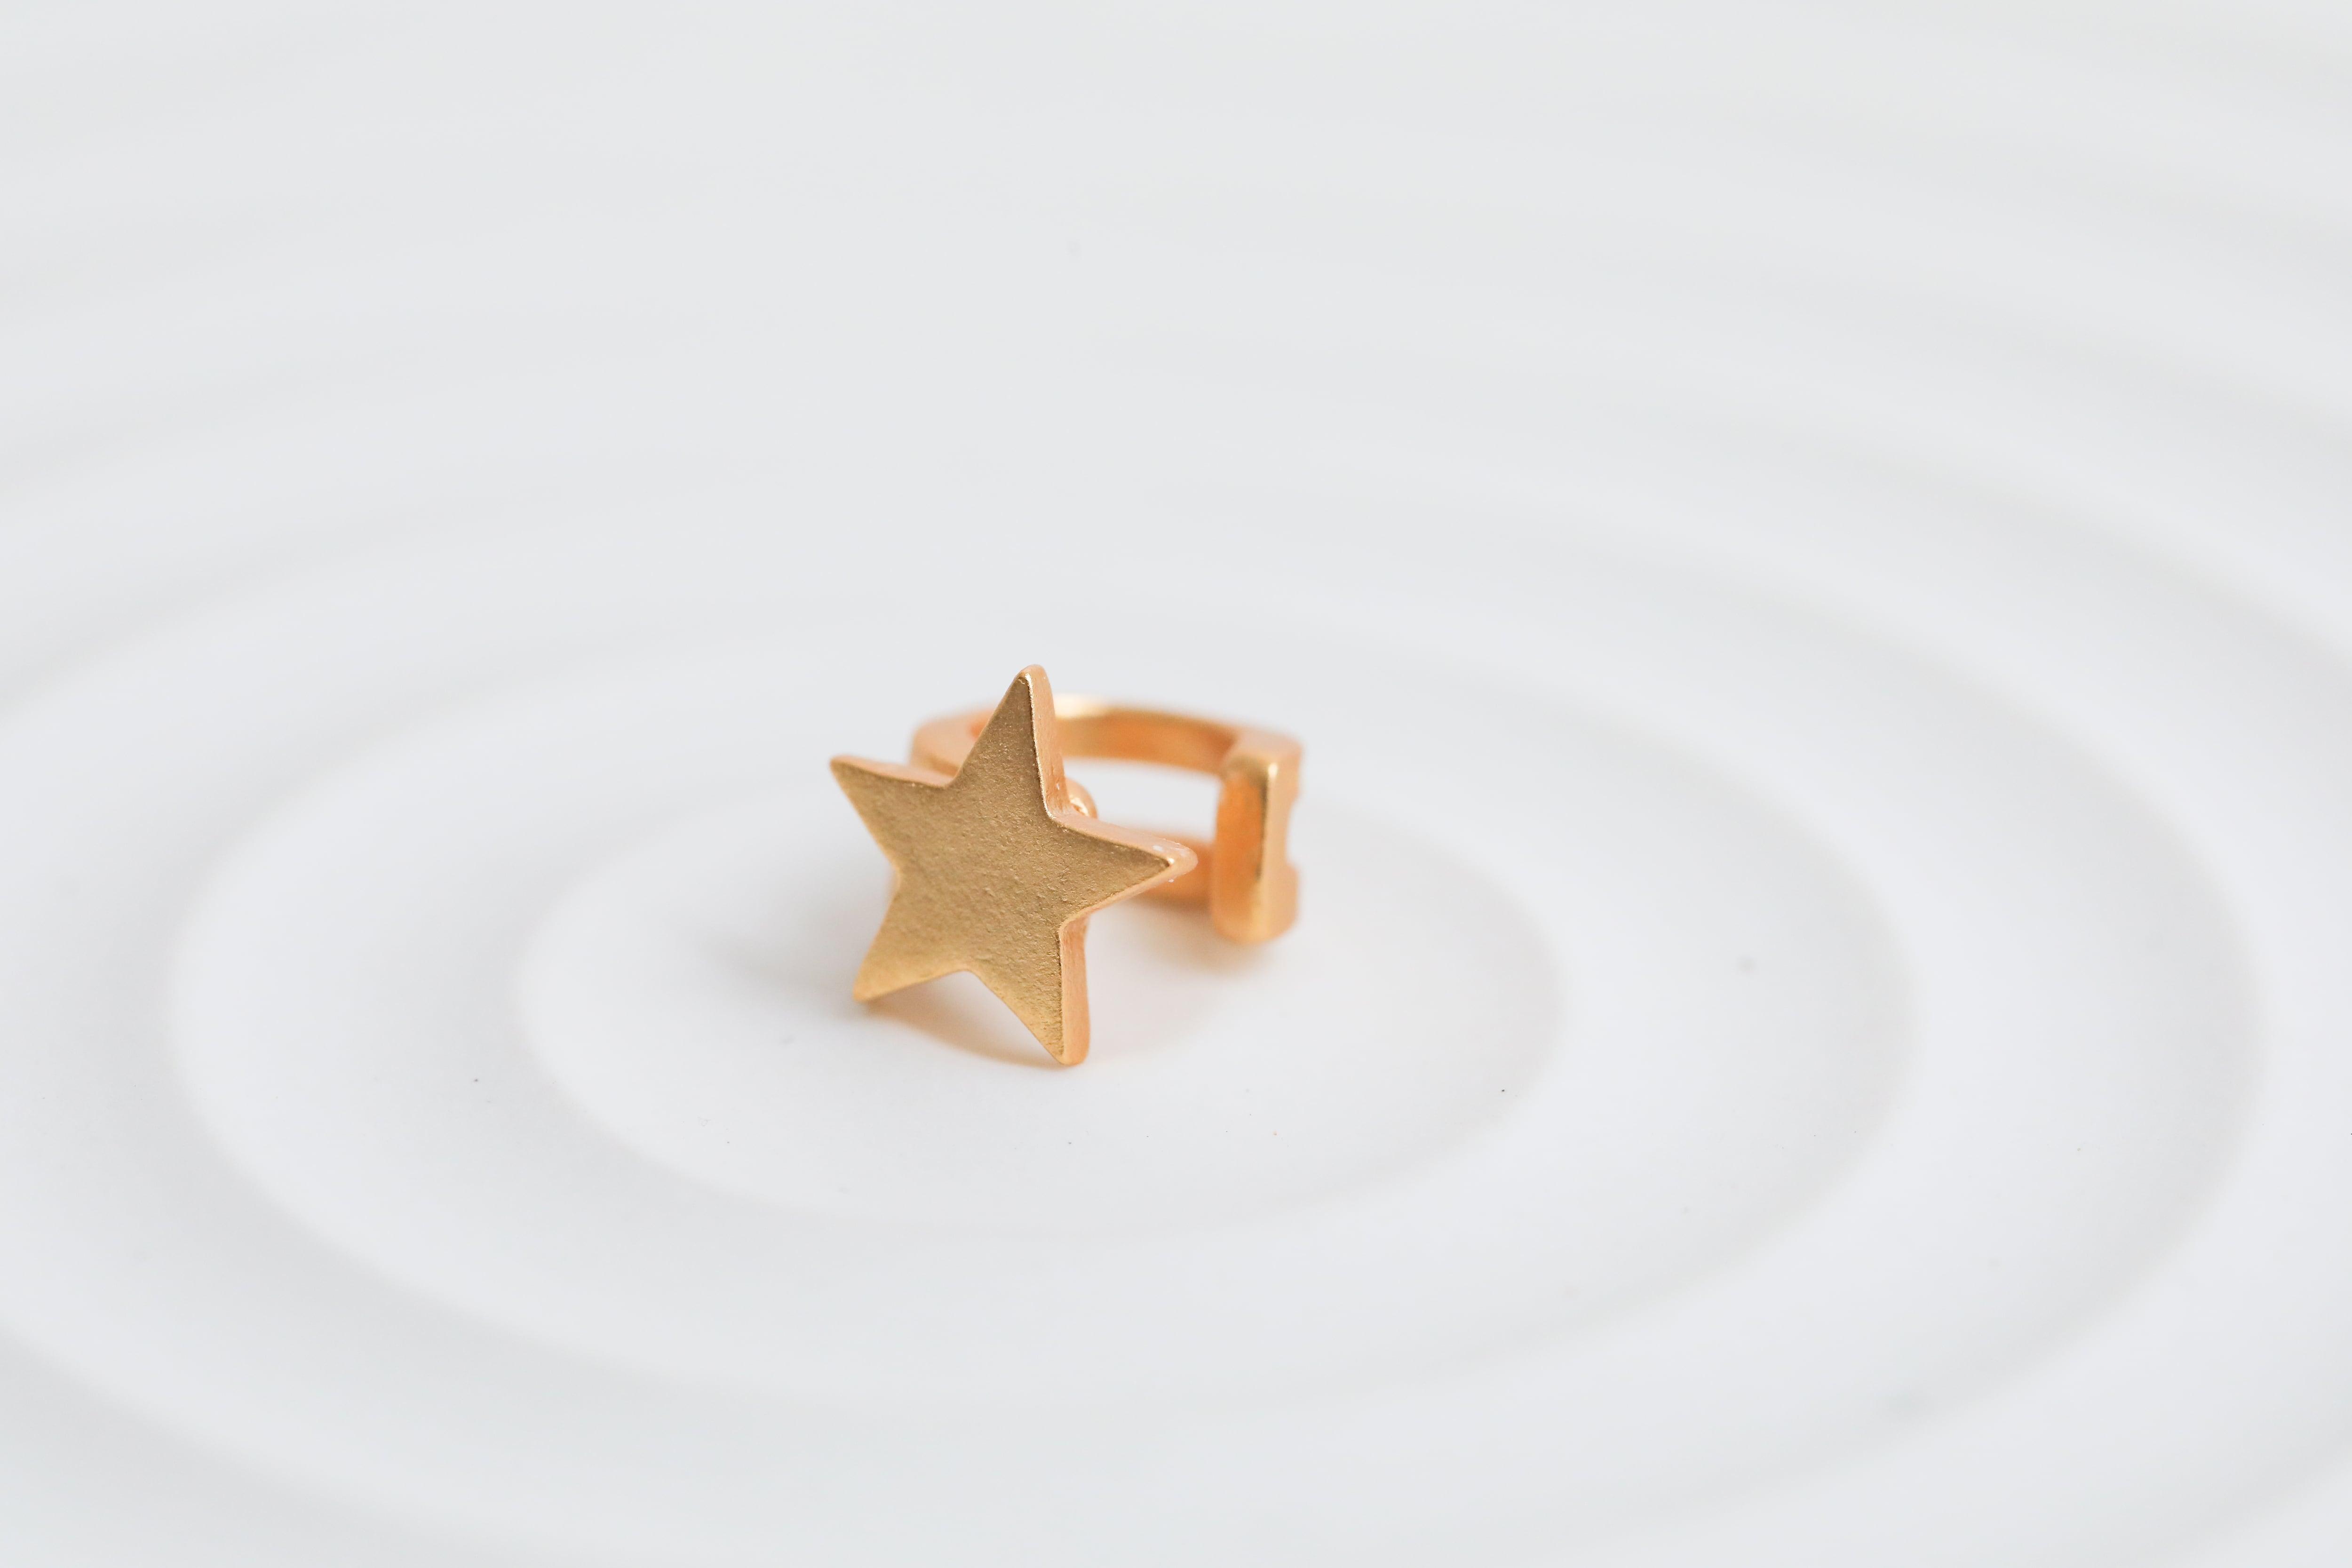 マットな星のイヤーカフ